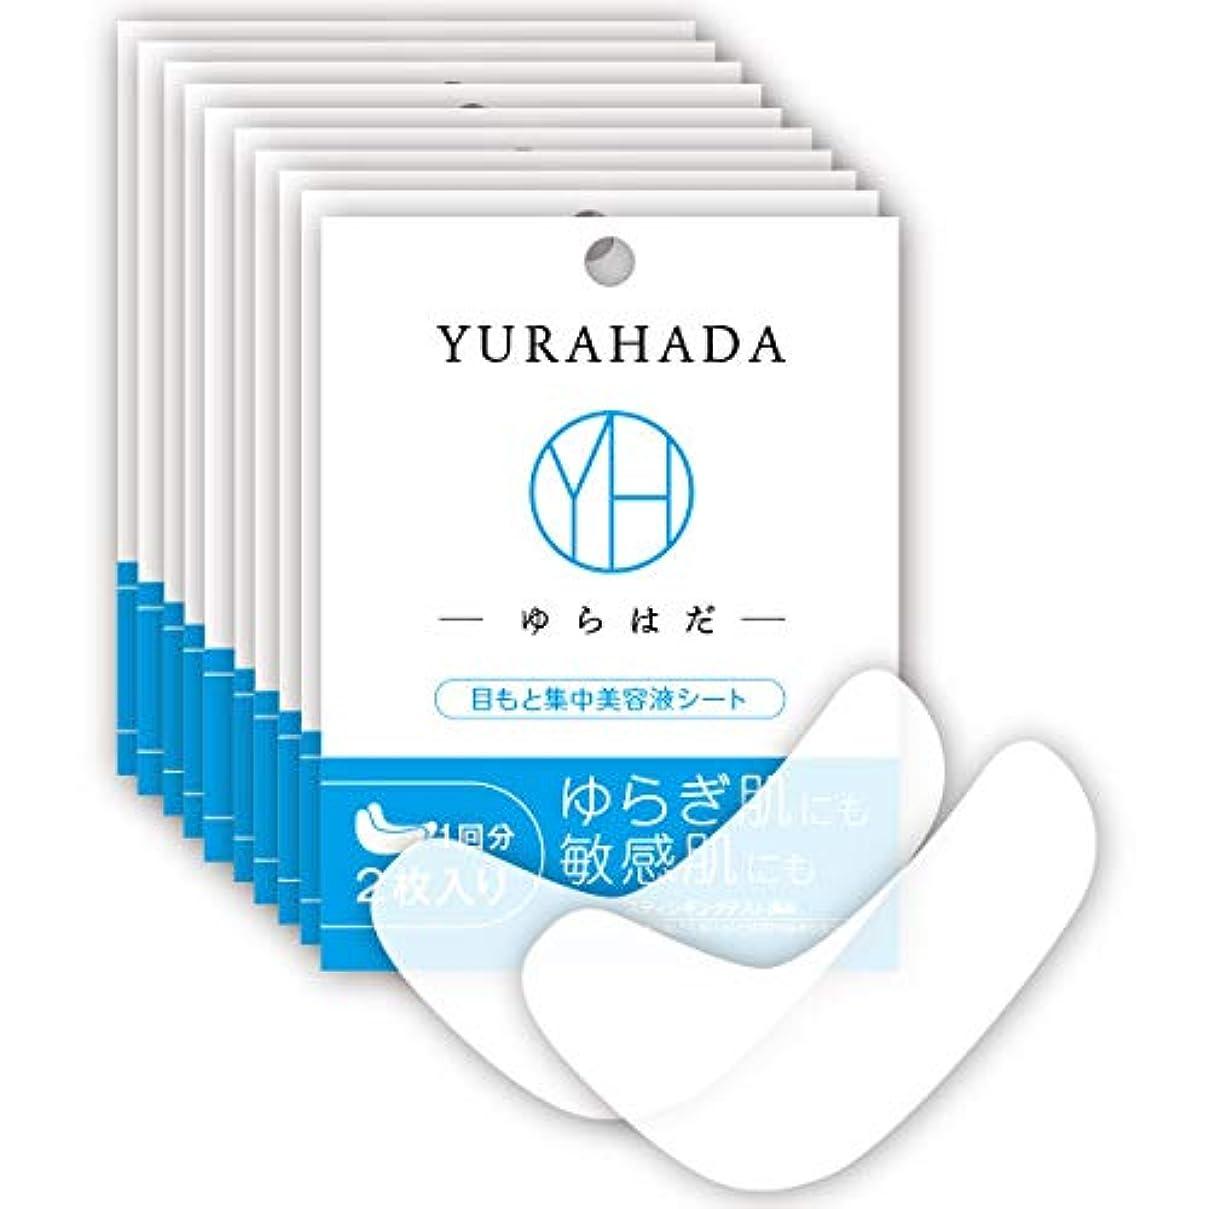 スーダン開業医鳩YURAHADA目もと集中美容液シート(2枚入)10回セット